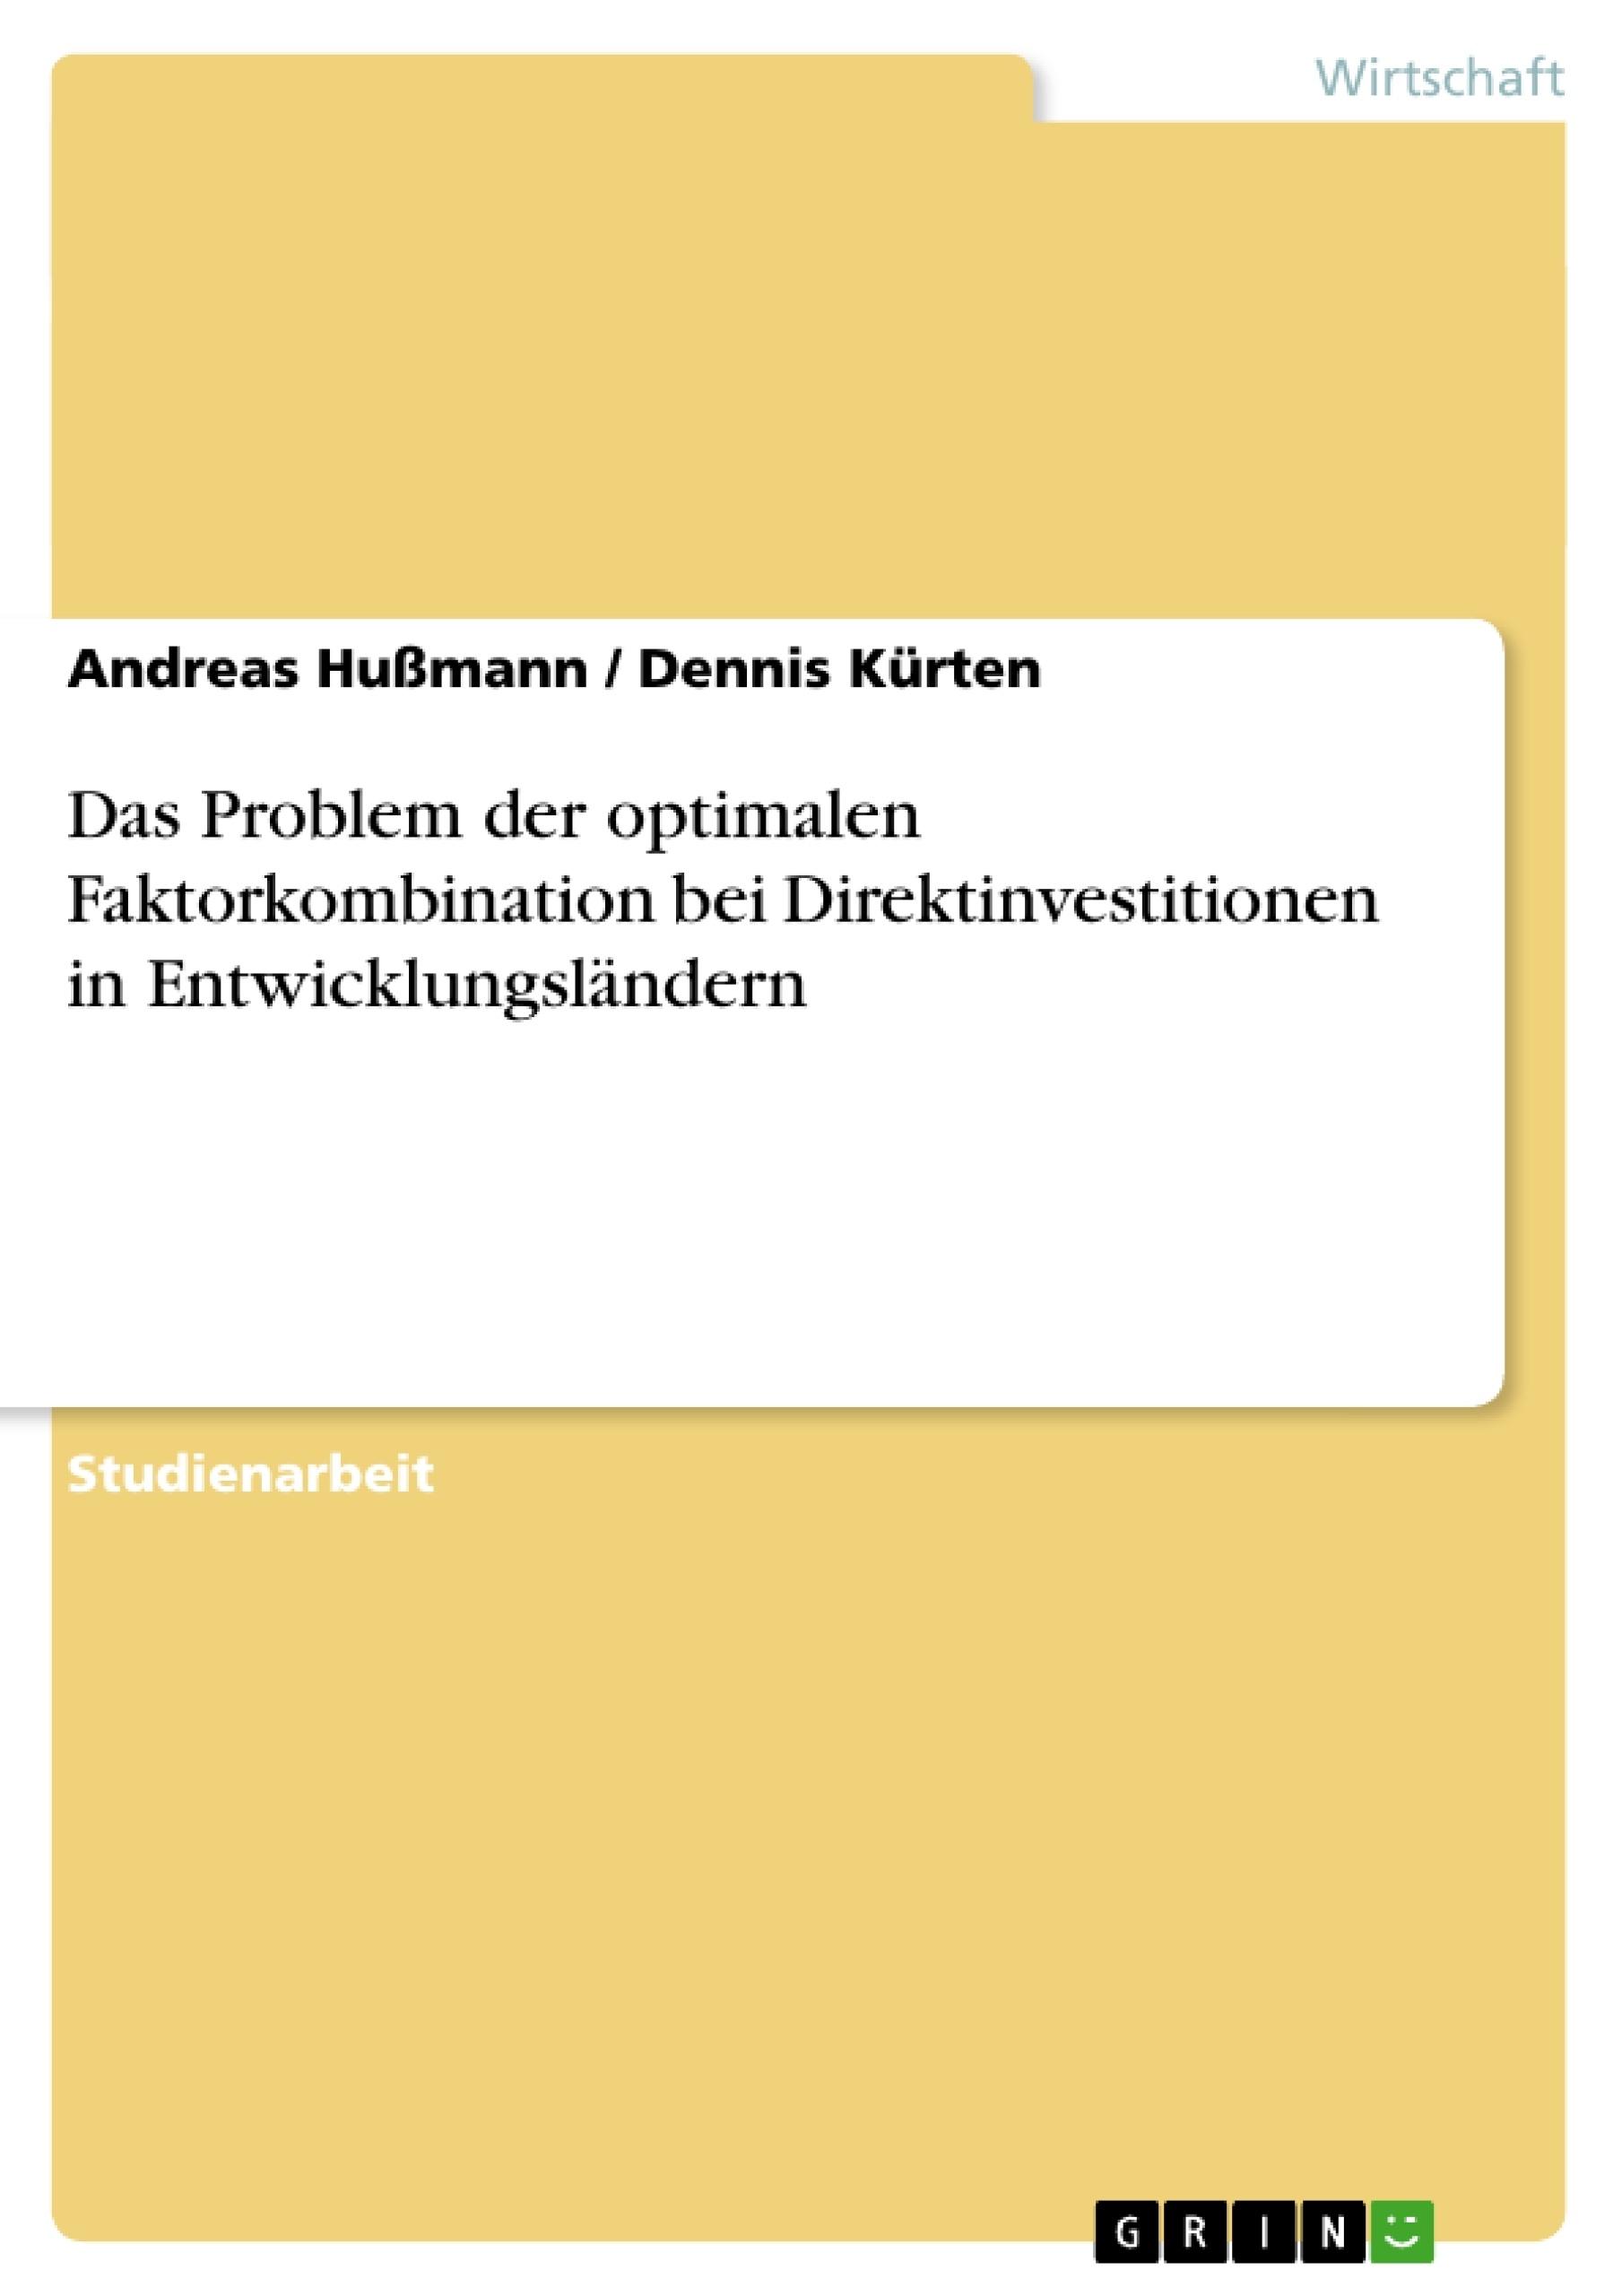 Titel: Das Problem der optimalen Faktorkombination bei Direktinvestitionen in Entwicklungsländern